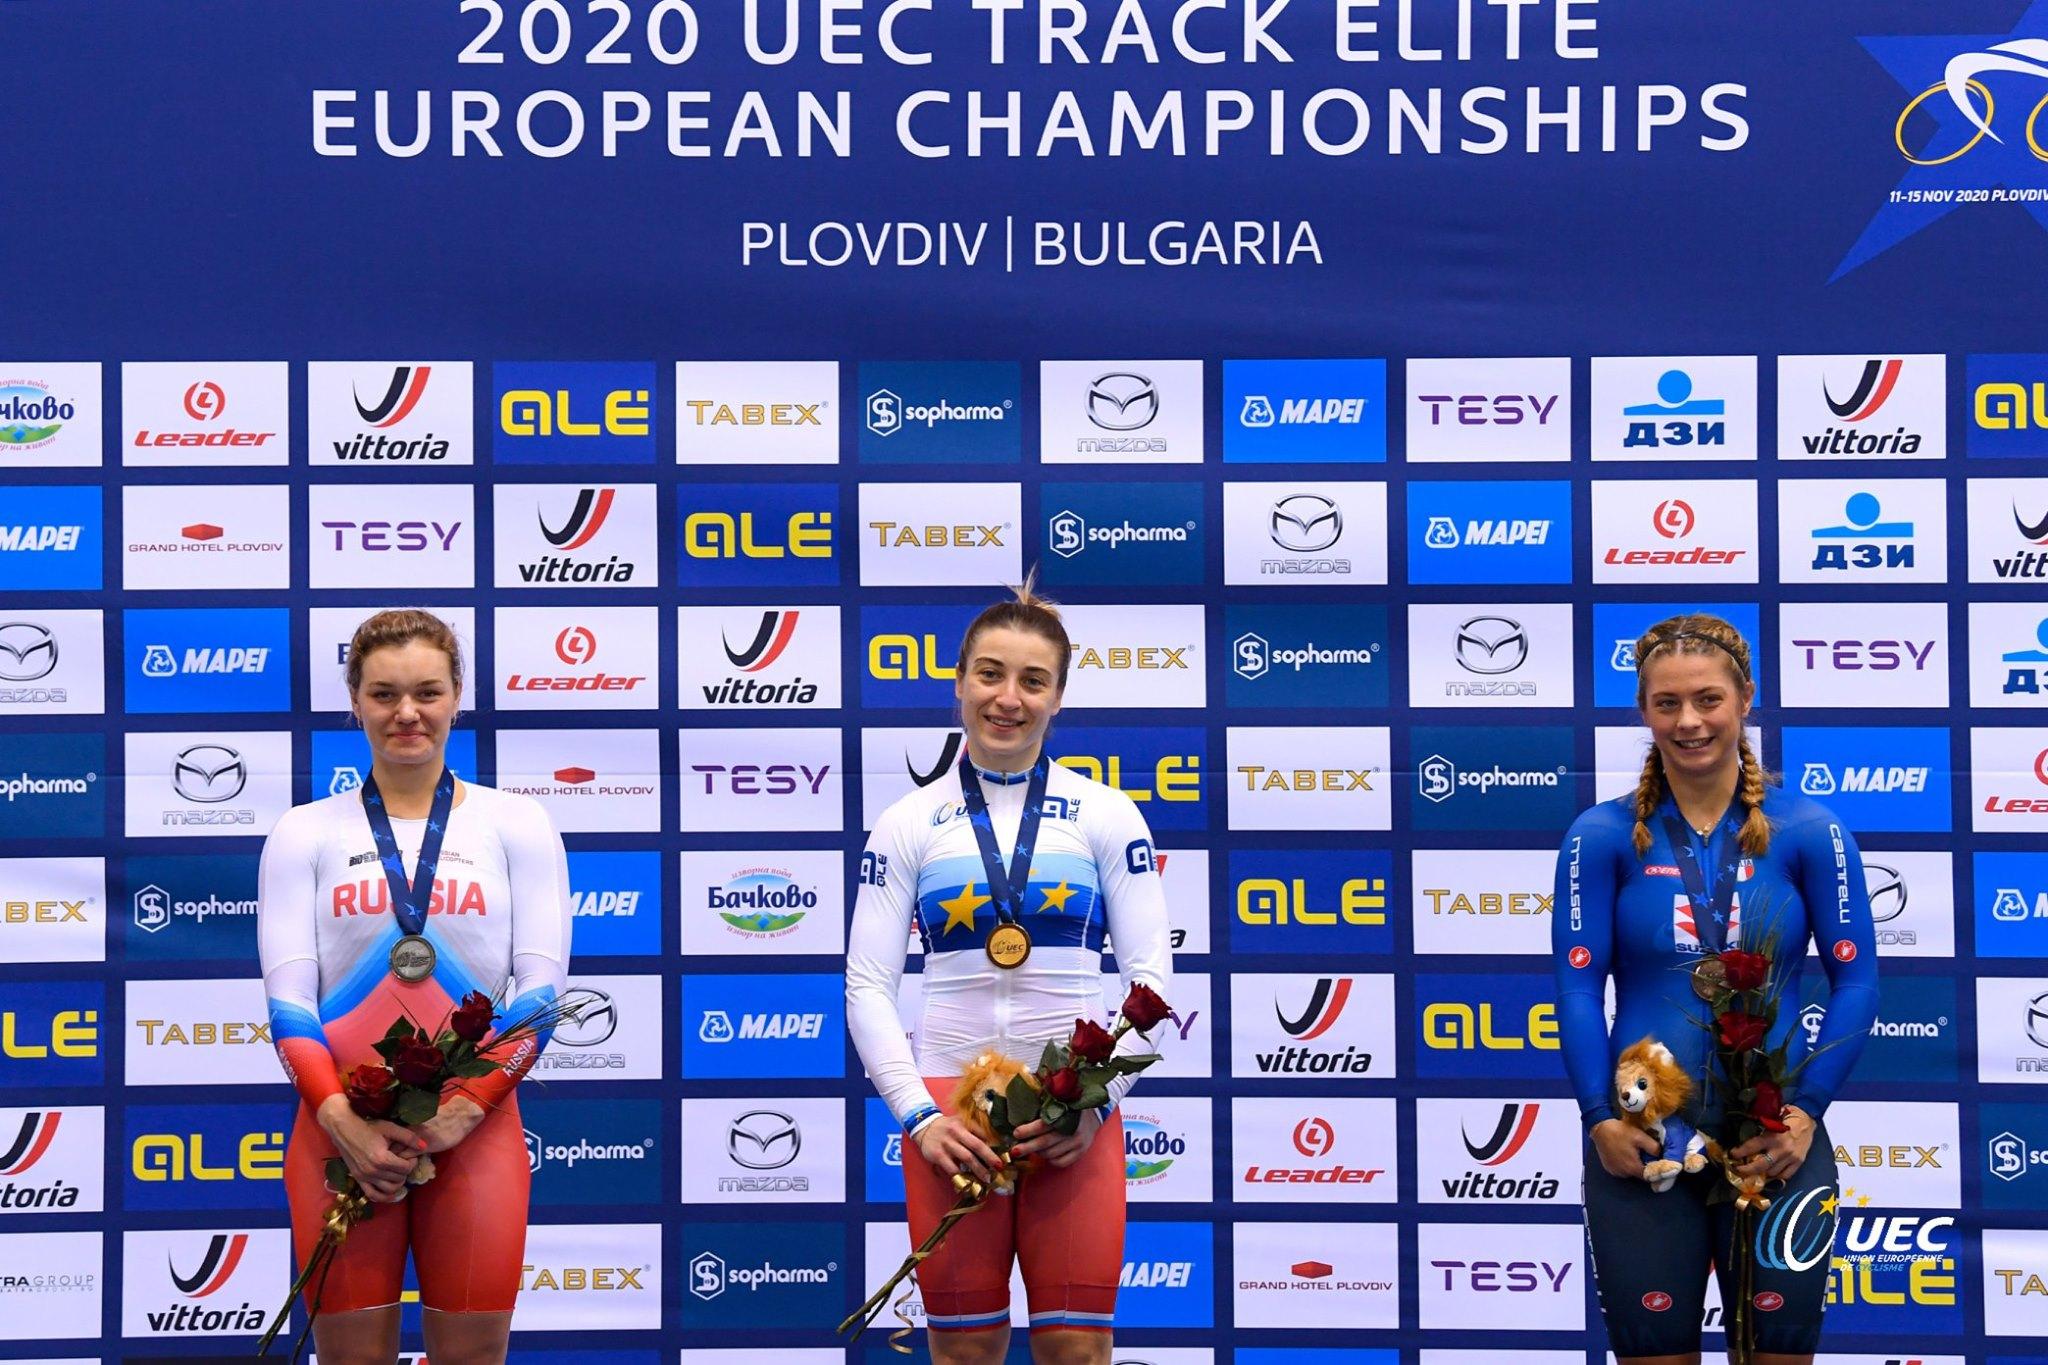 Il podio del Campionato Europeo Pista 500 metri Donne Elite (foto UEC/BettiniPhoto)